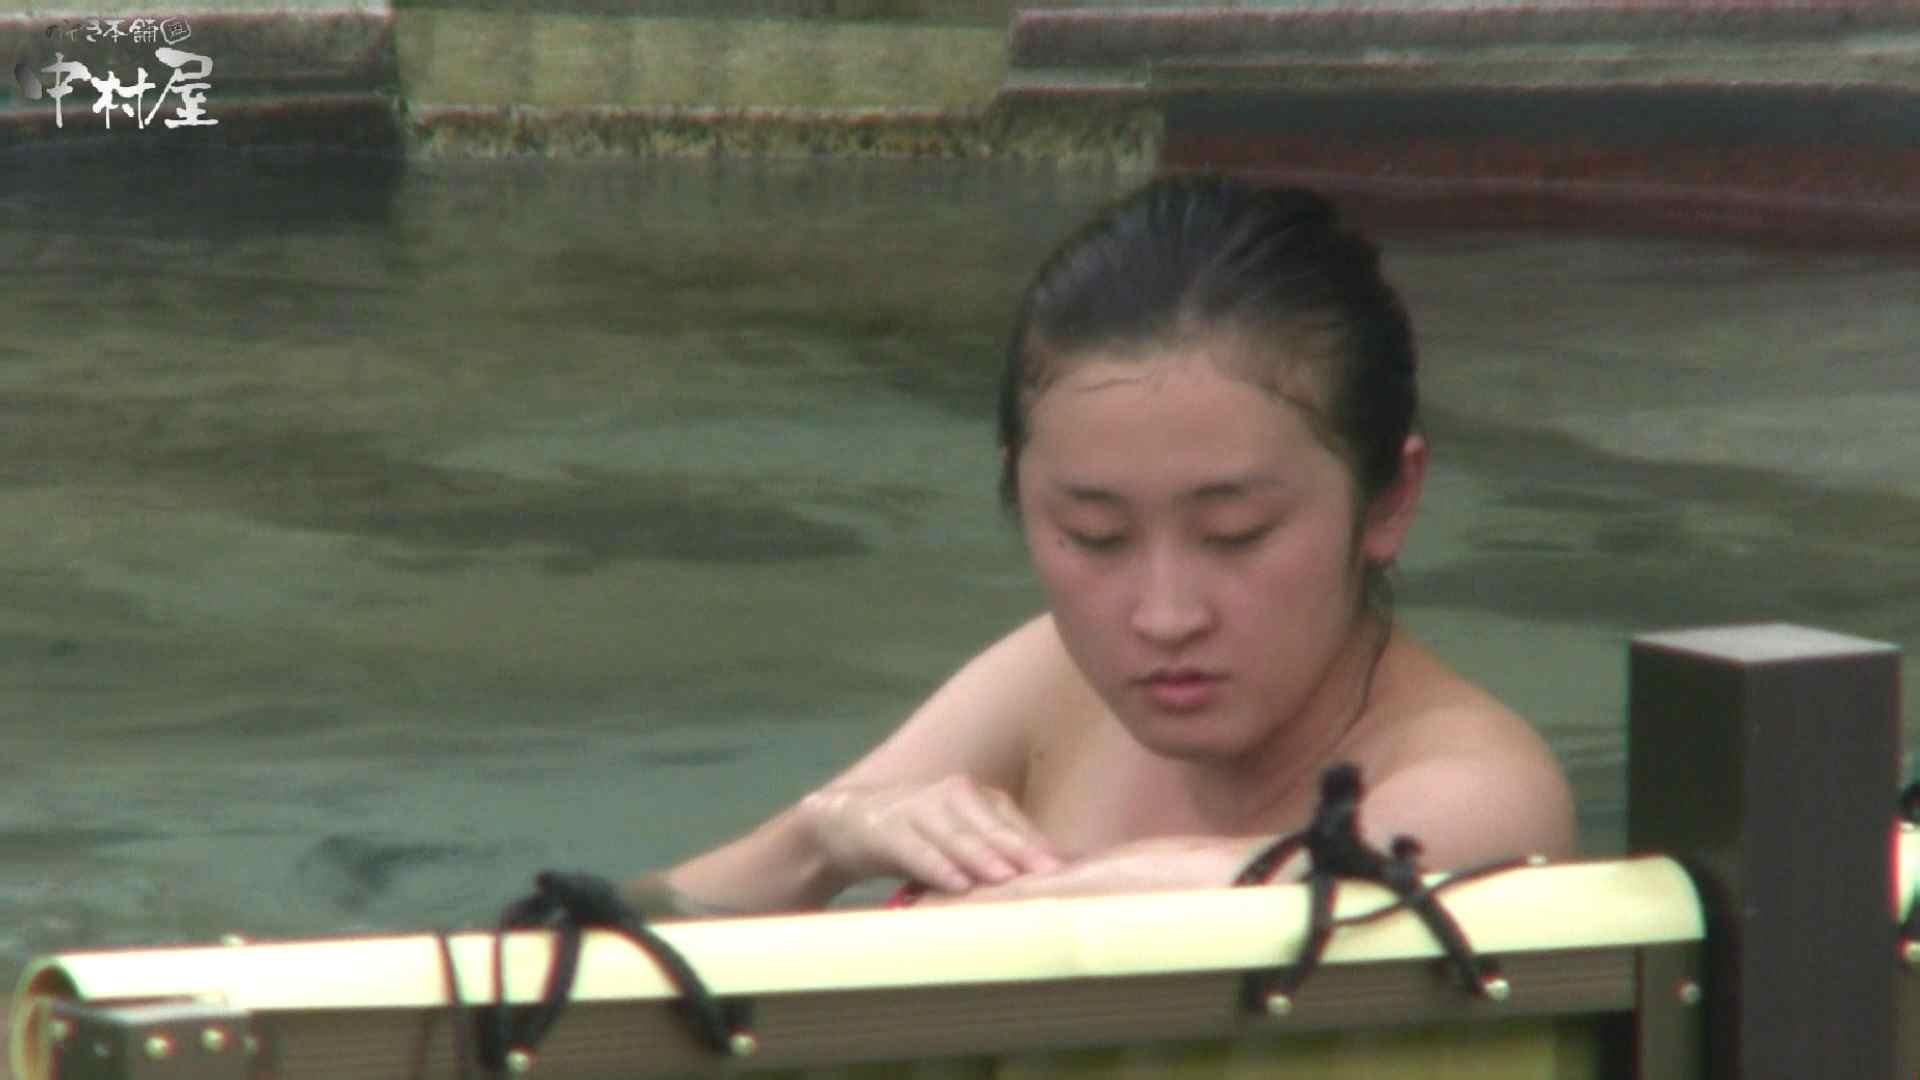 Aquaな露天風呂Vol.949 露天 | 盗撮特集  106画像 61